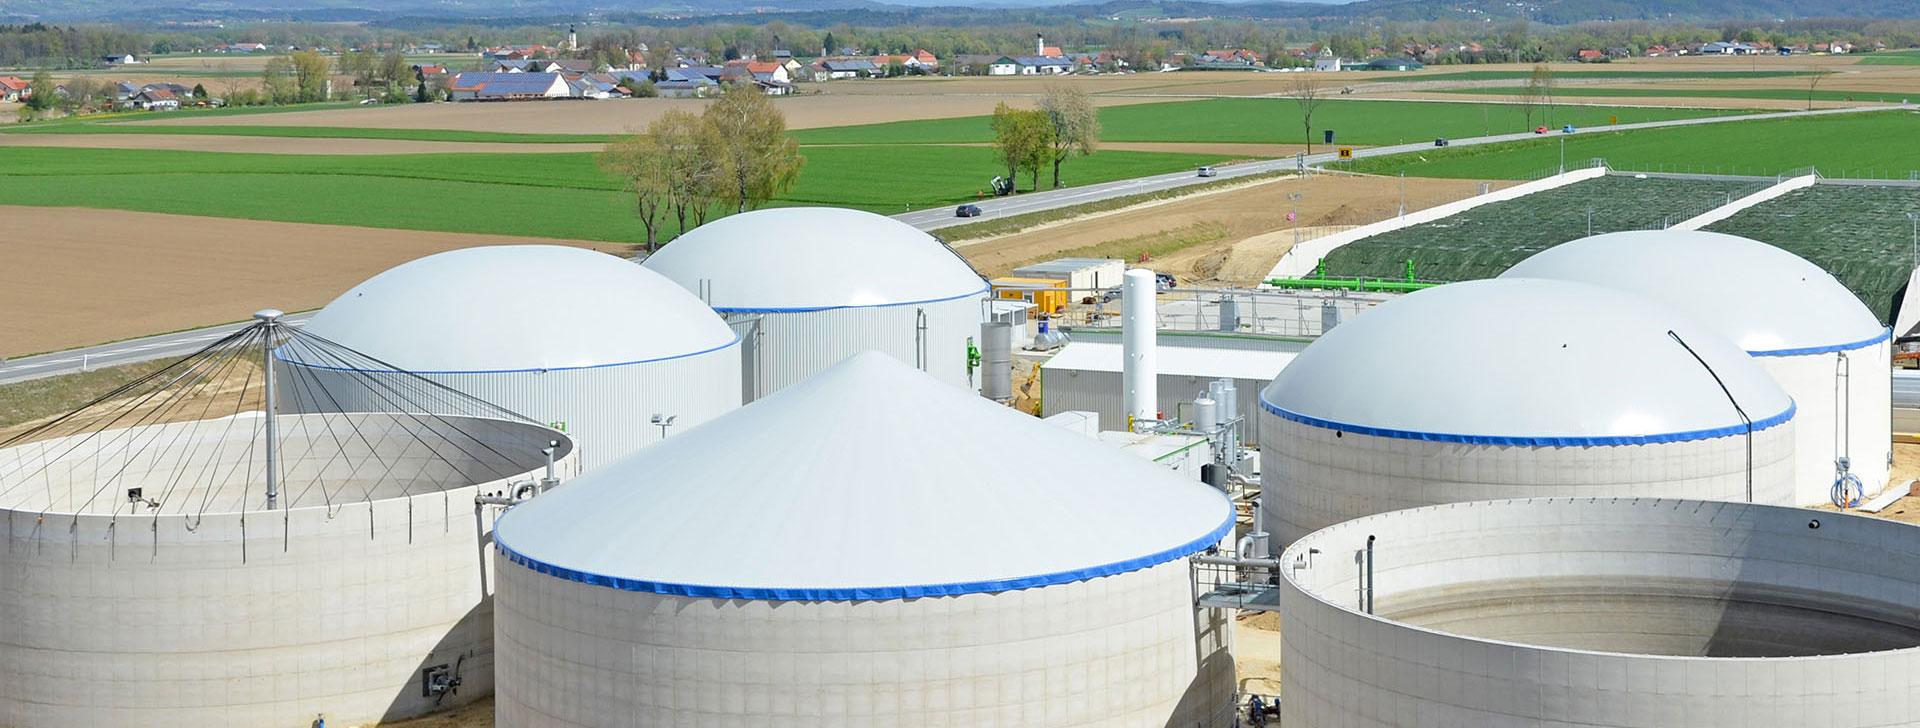 Behälter einer Biogasanlage